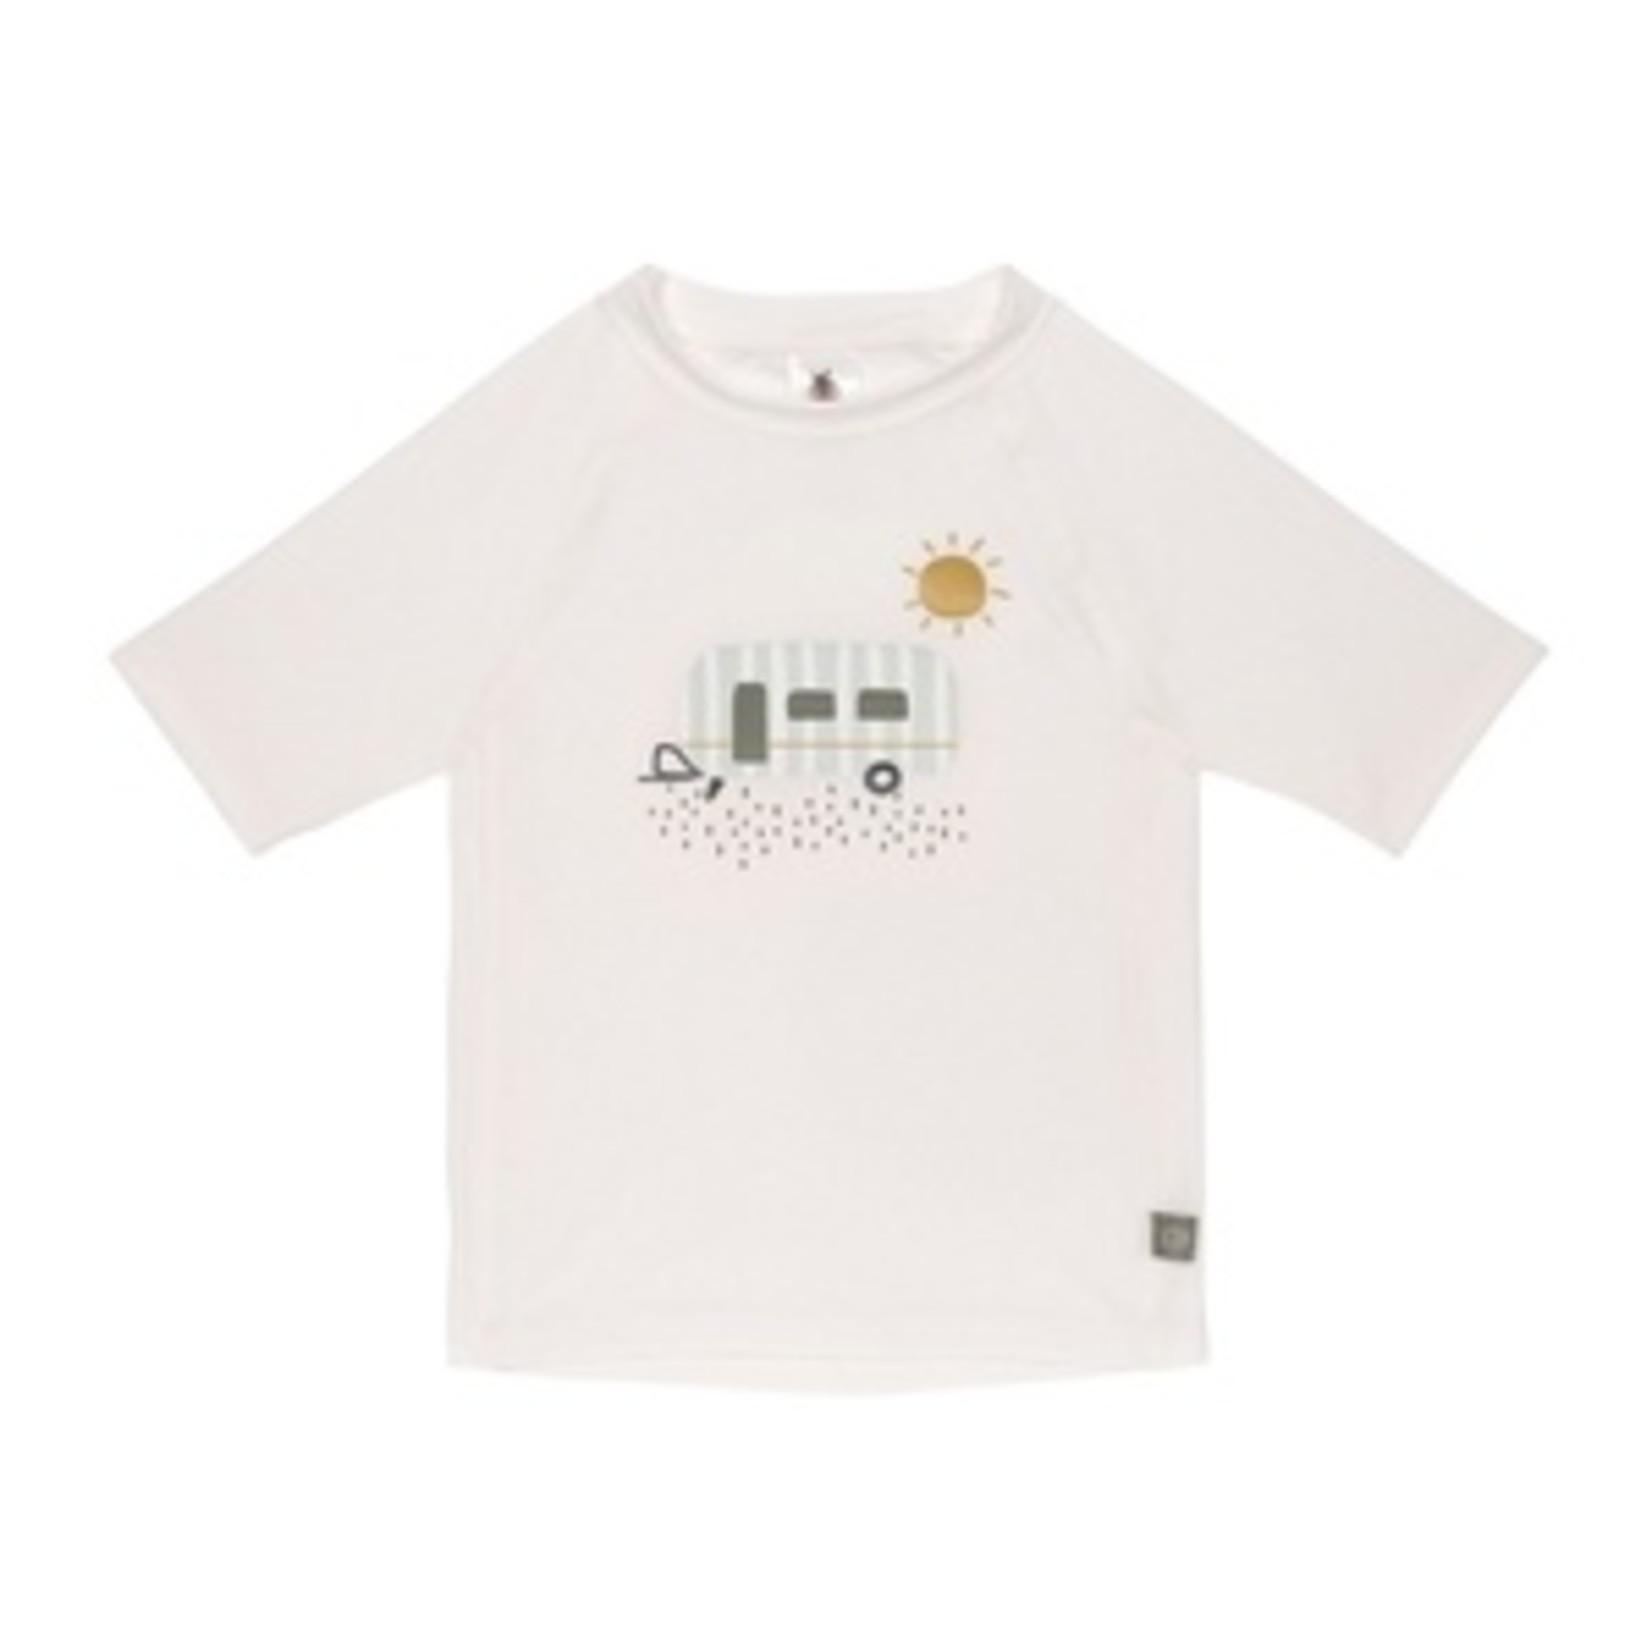 Lässig Lässig Zwem T-shirt Caravan White